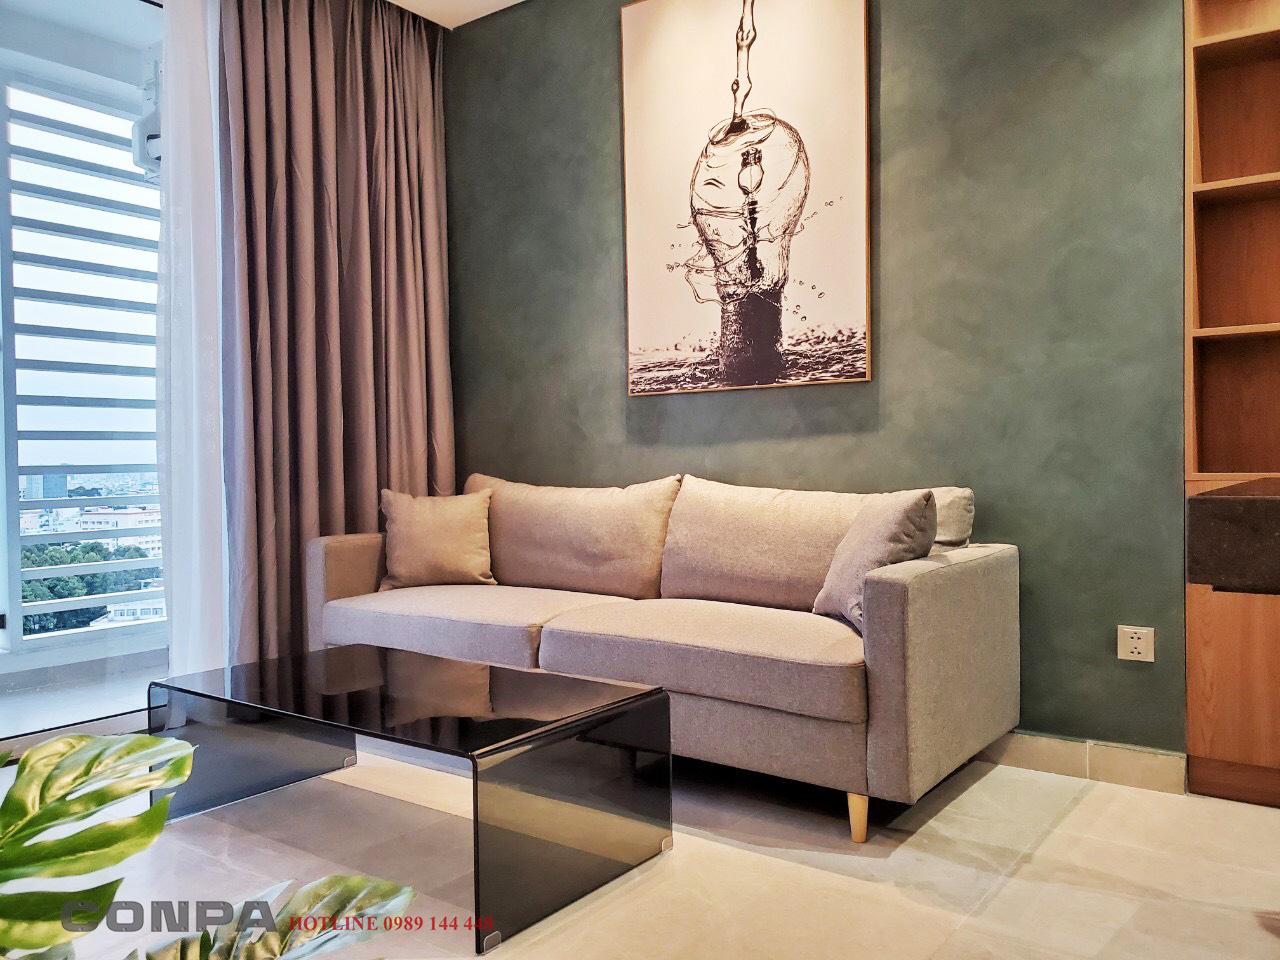 Sơn beton không gian phòng khách can hộ Novaland